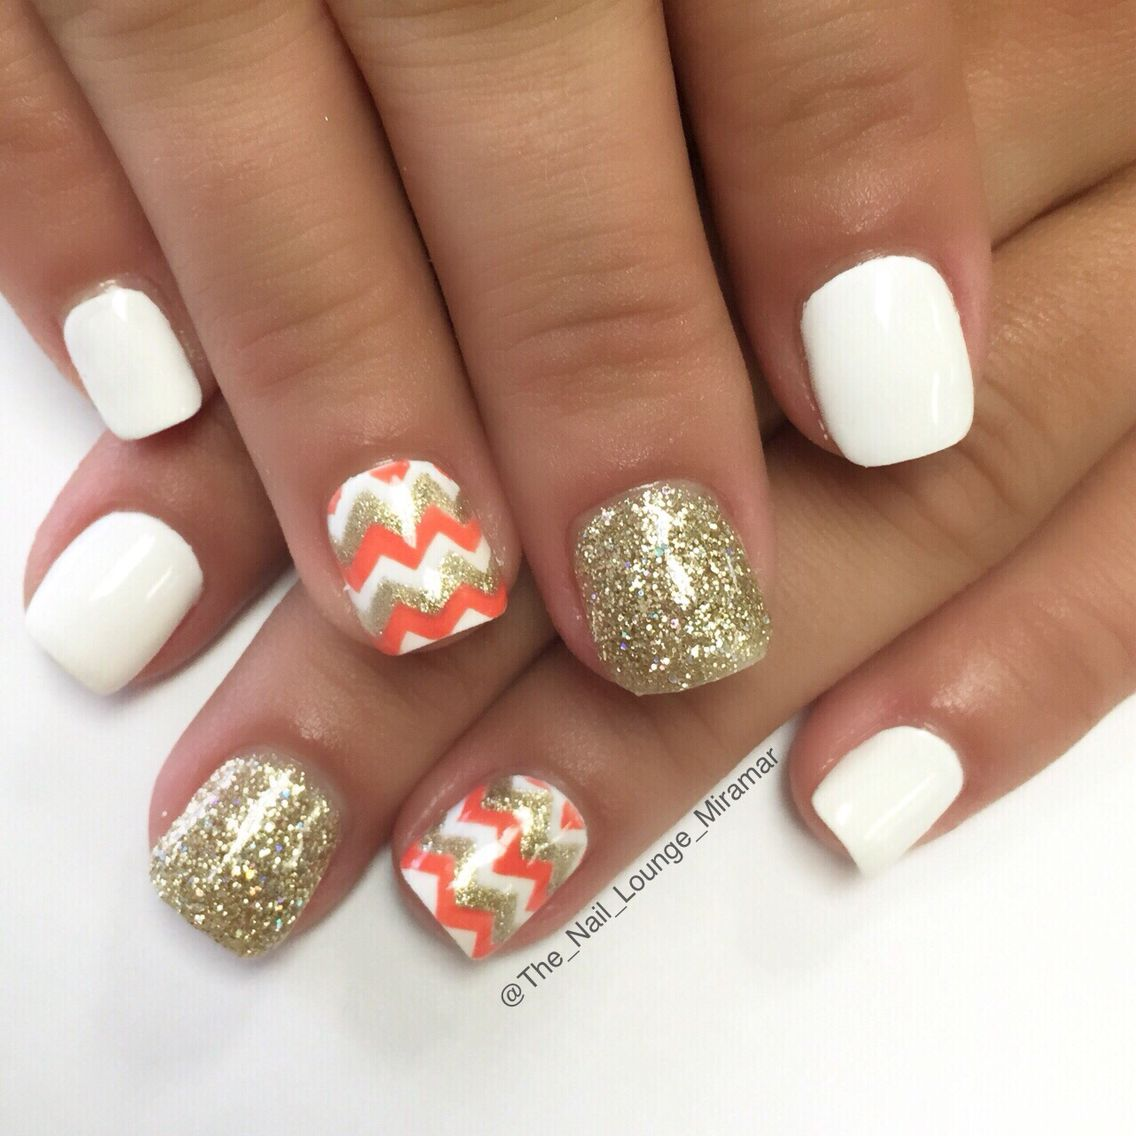 White gold orange chevron gel nail art design | Nail Art | Pinterest ...